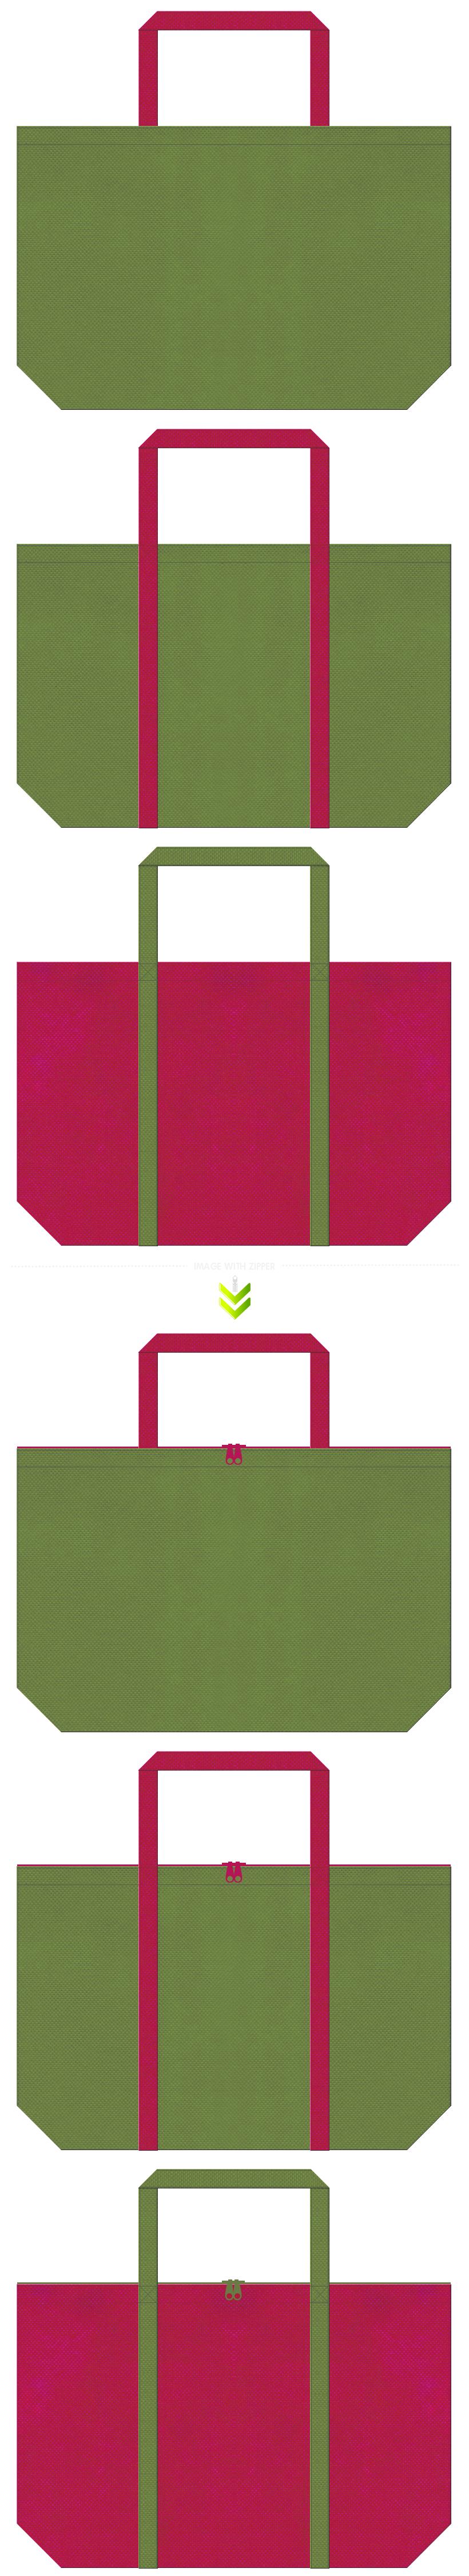 梅・メジロ・草履・着物・帯・和風催事・和風エコバッグにお奨めの不織布バッグデザイン:草色と濃いピンク色のコーデ